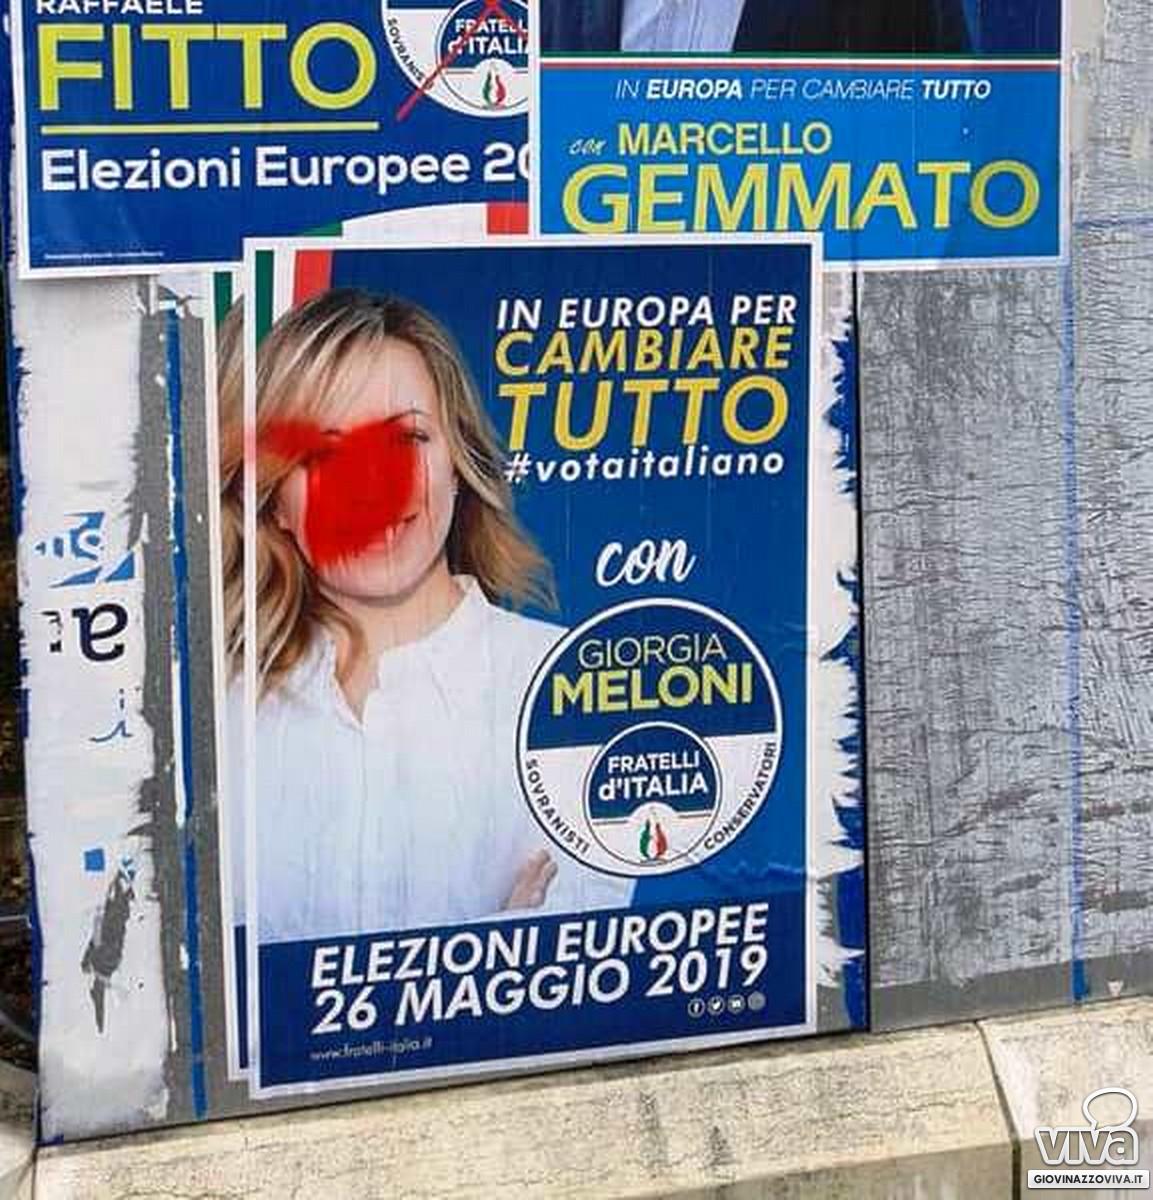 Spray rosso sul volto di Giorgia Meloni